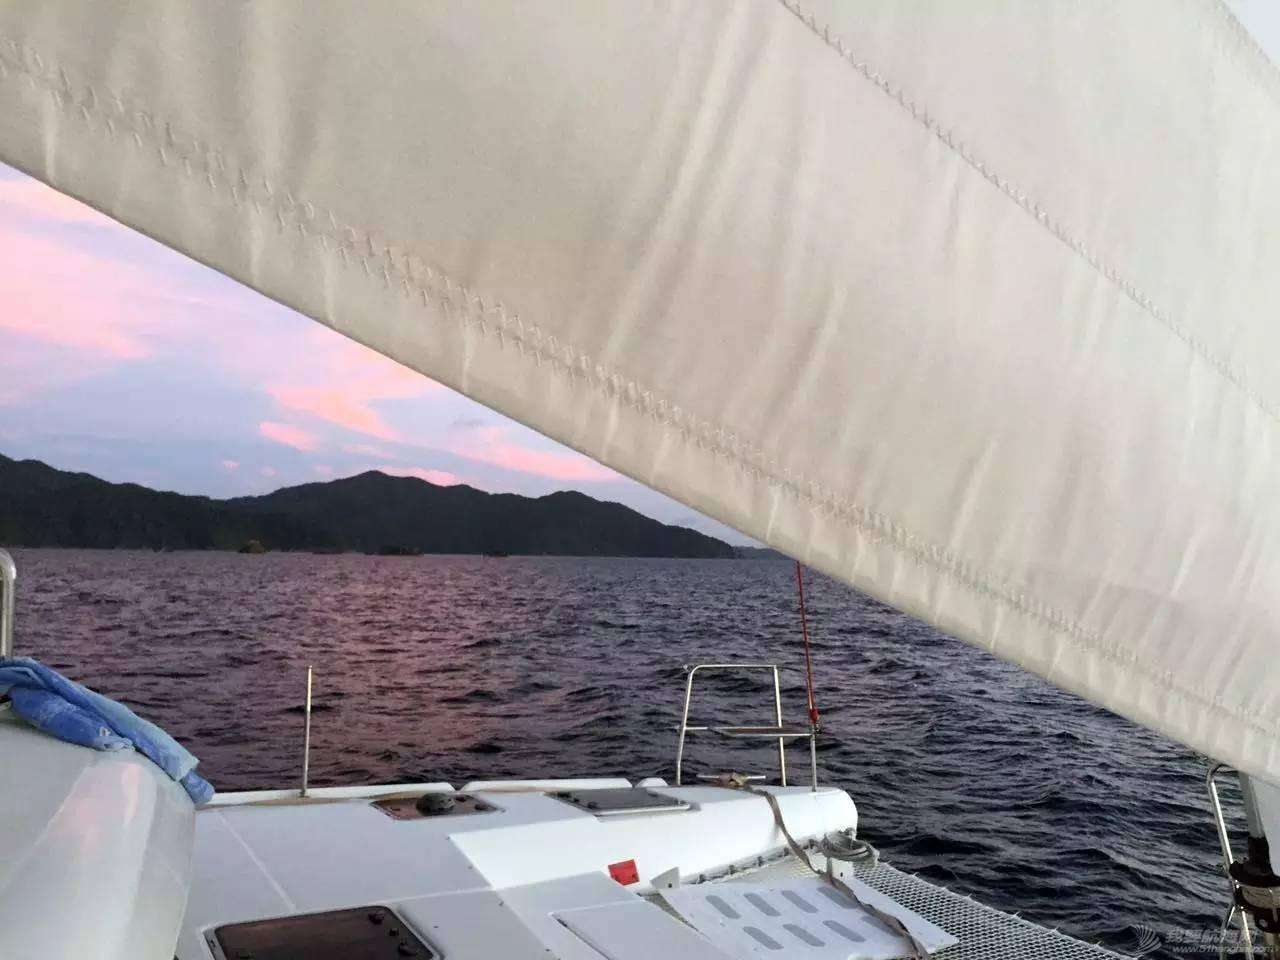 菲律宾,东南亚,照片,左右 3000海里远航东南亚//第二站【菲律宾-东马】 90ecf1ac852bb3050c631ba99bf2b641.jpg